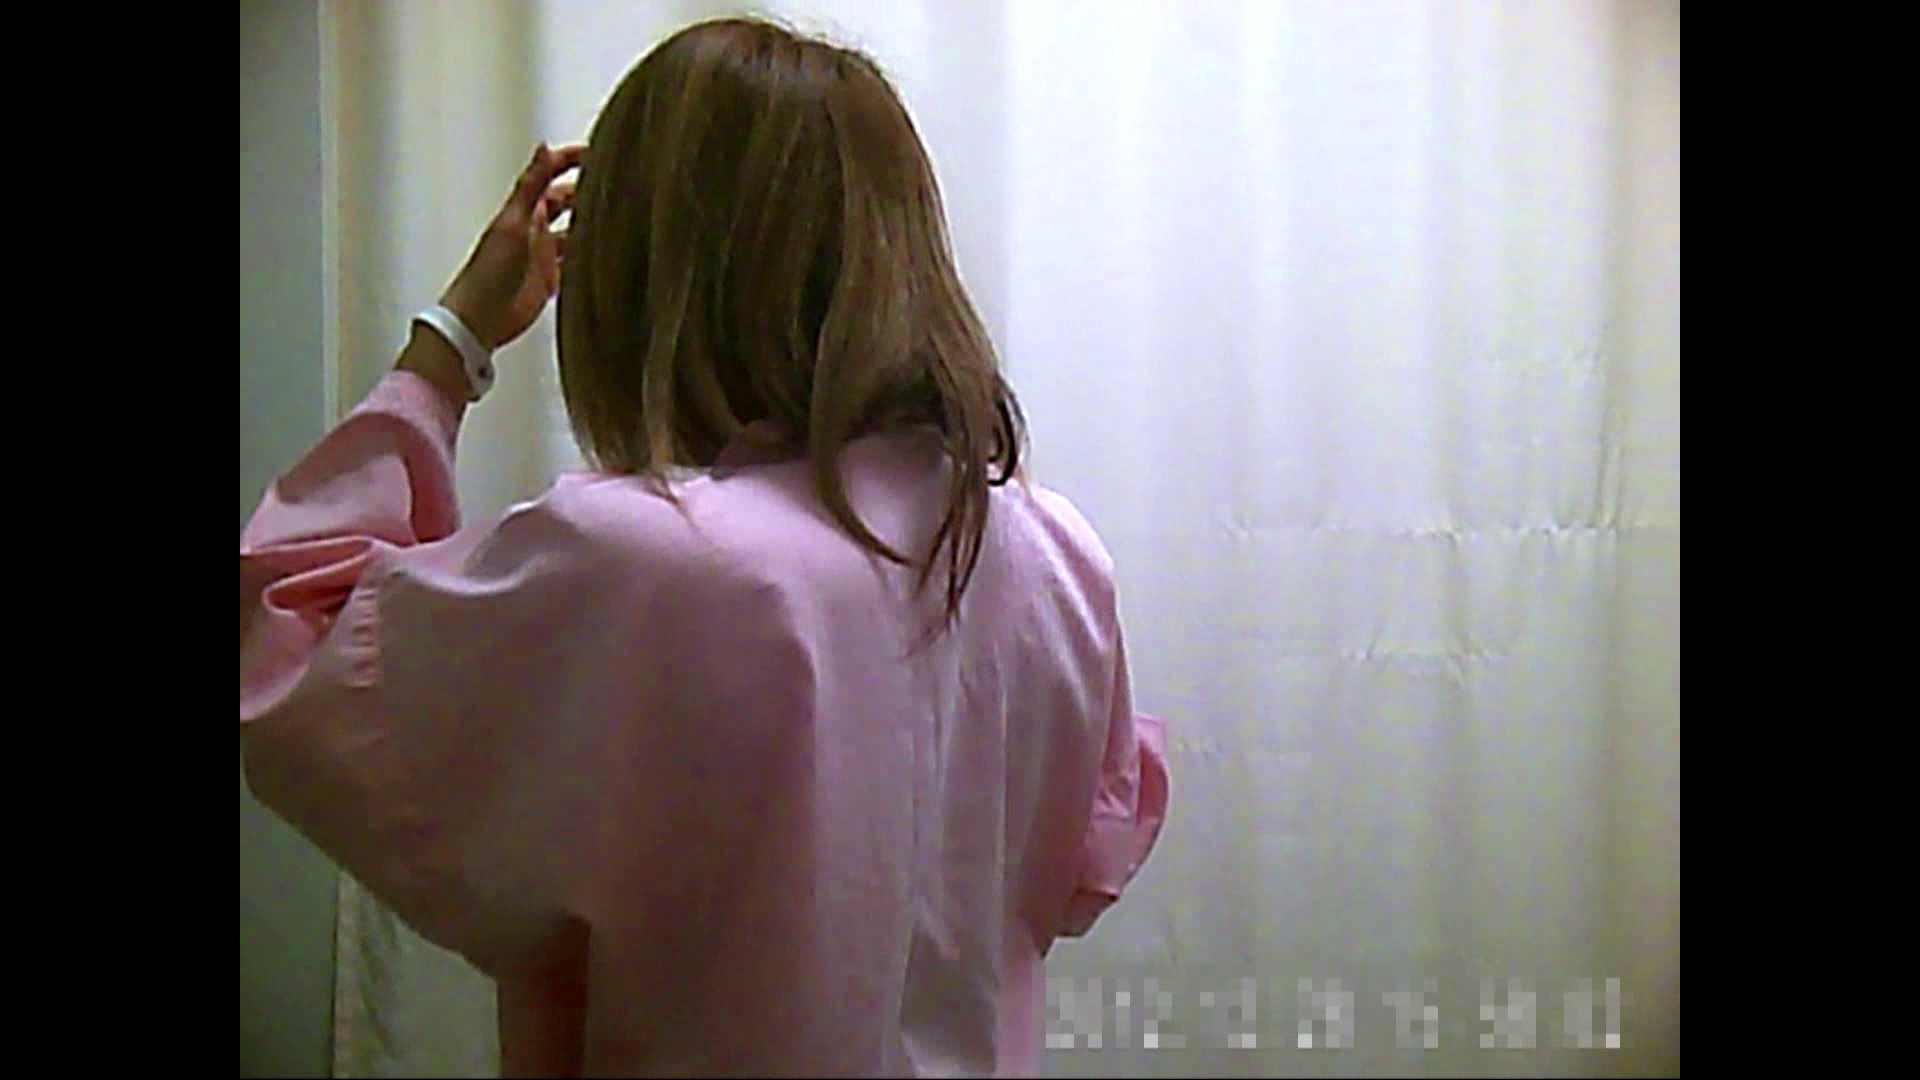 元医者による反抗 更衣室地獄絵巻 vol.109 OLハメ撮り  41Pix 26